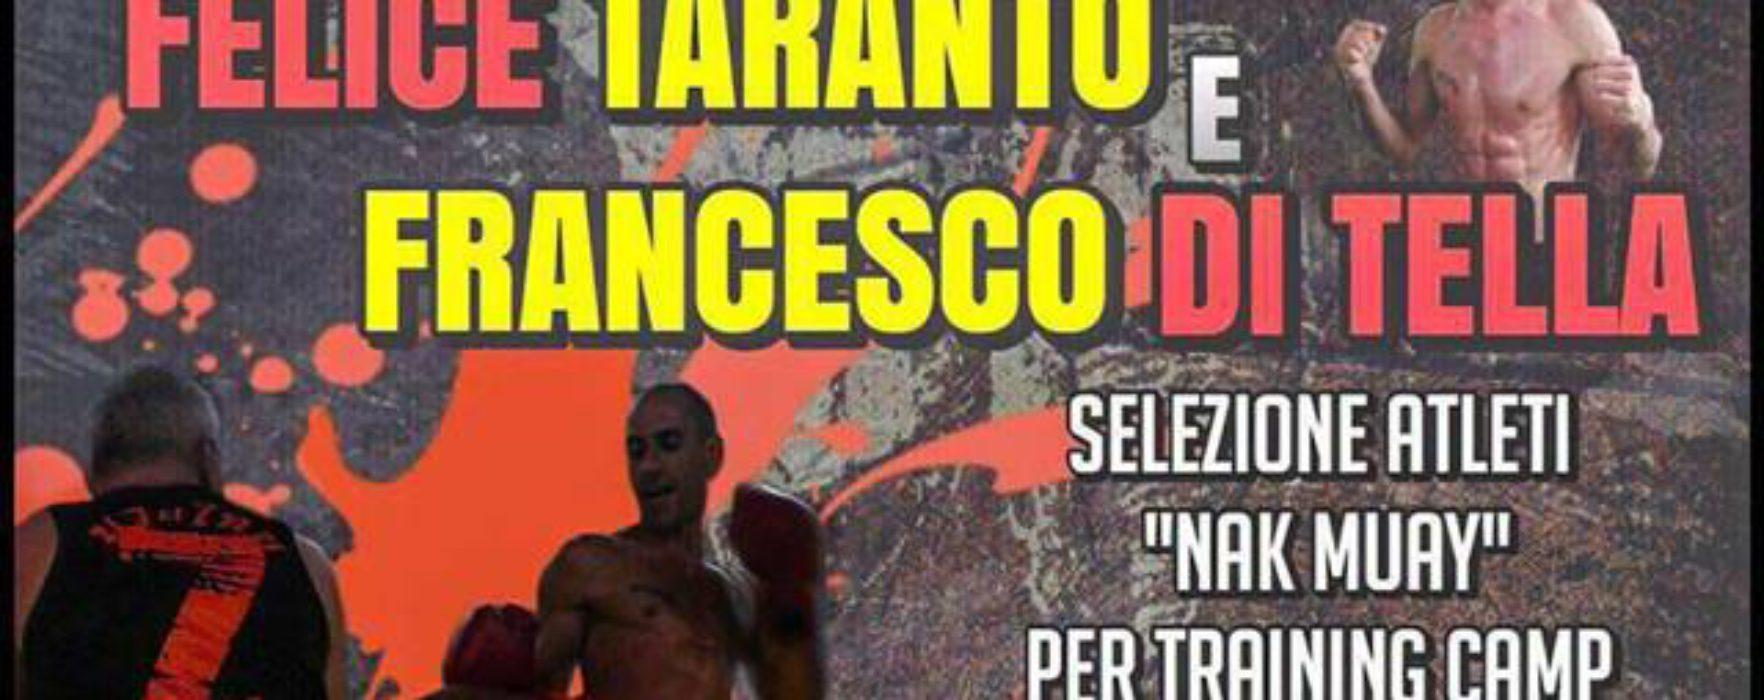 (Italiano) Nuovo stage Muay Thai/K1 al Palakombat di Arese, Domenica 1 Ottobre